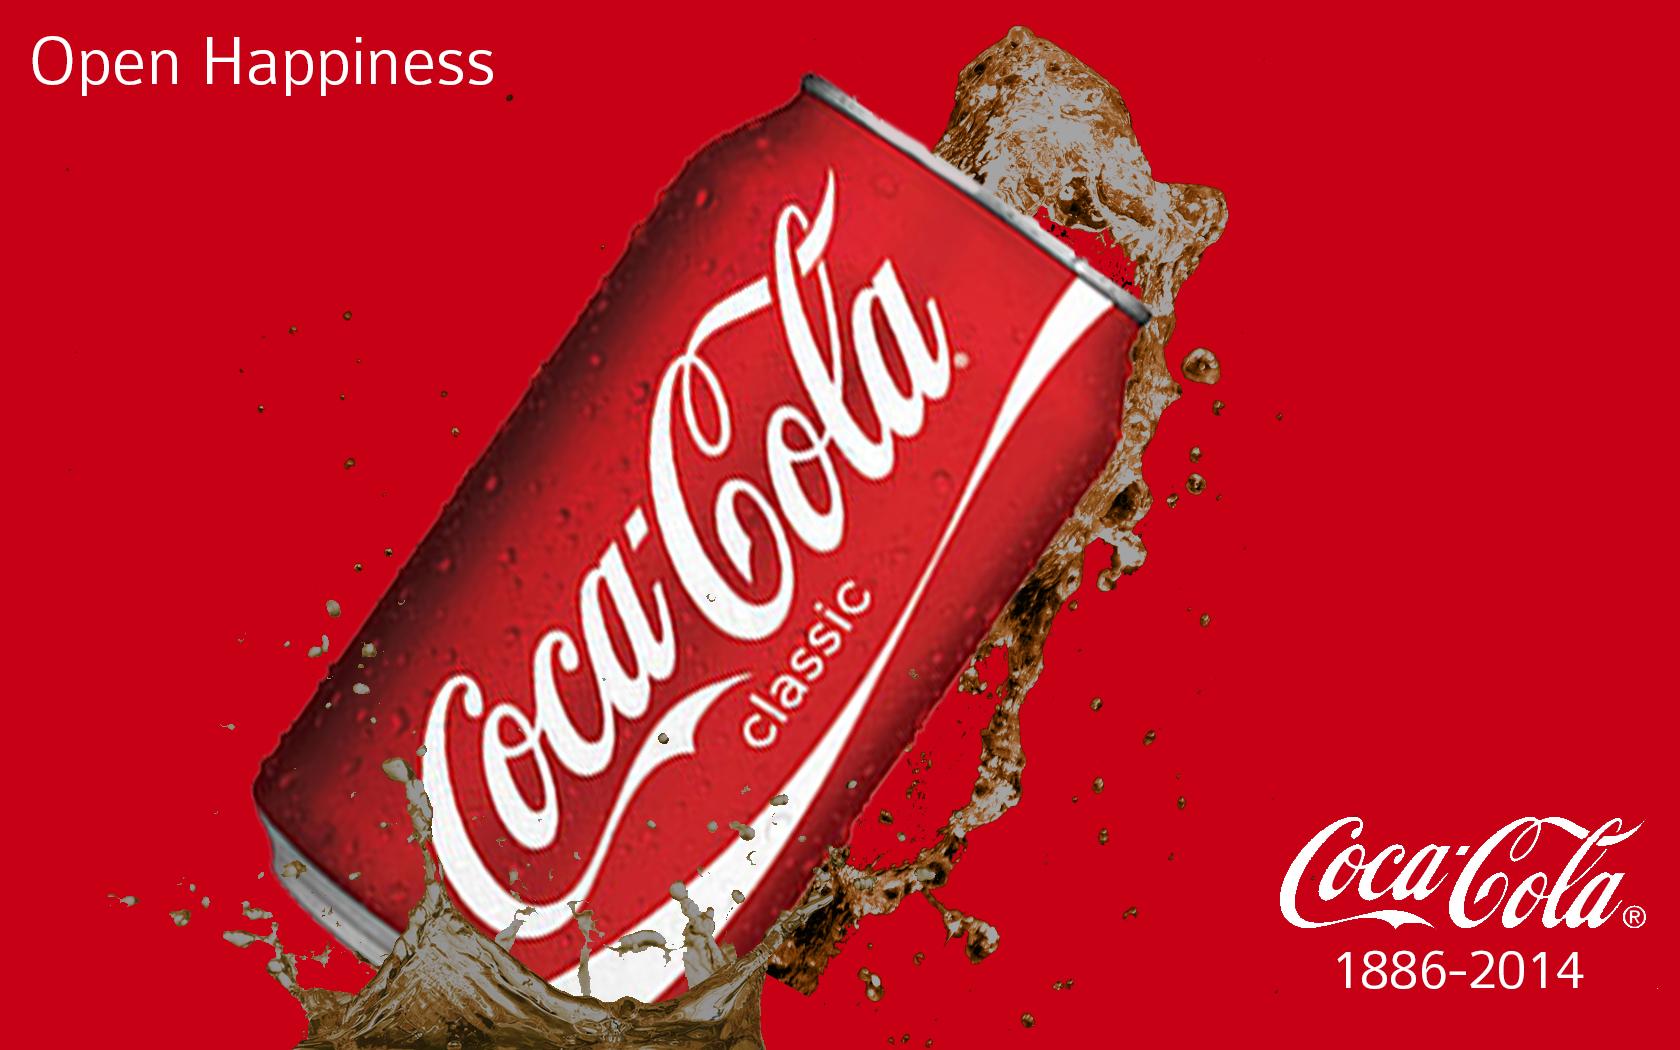 Coke wallpaper | 1680x1050 | #80001